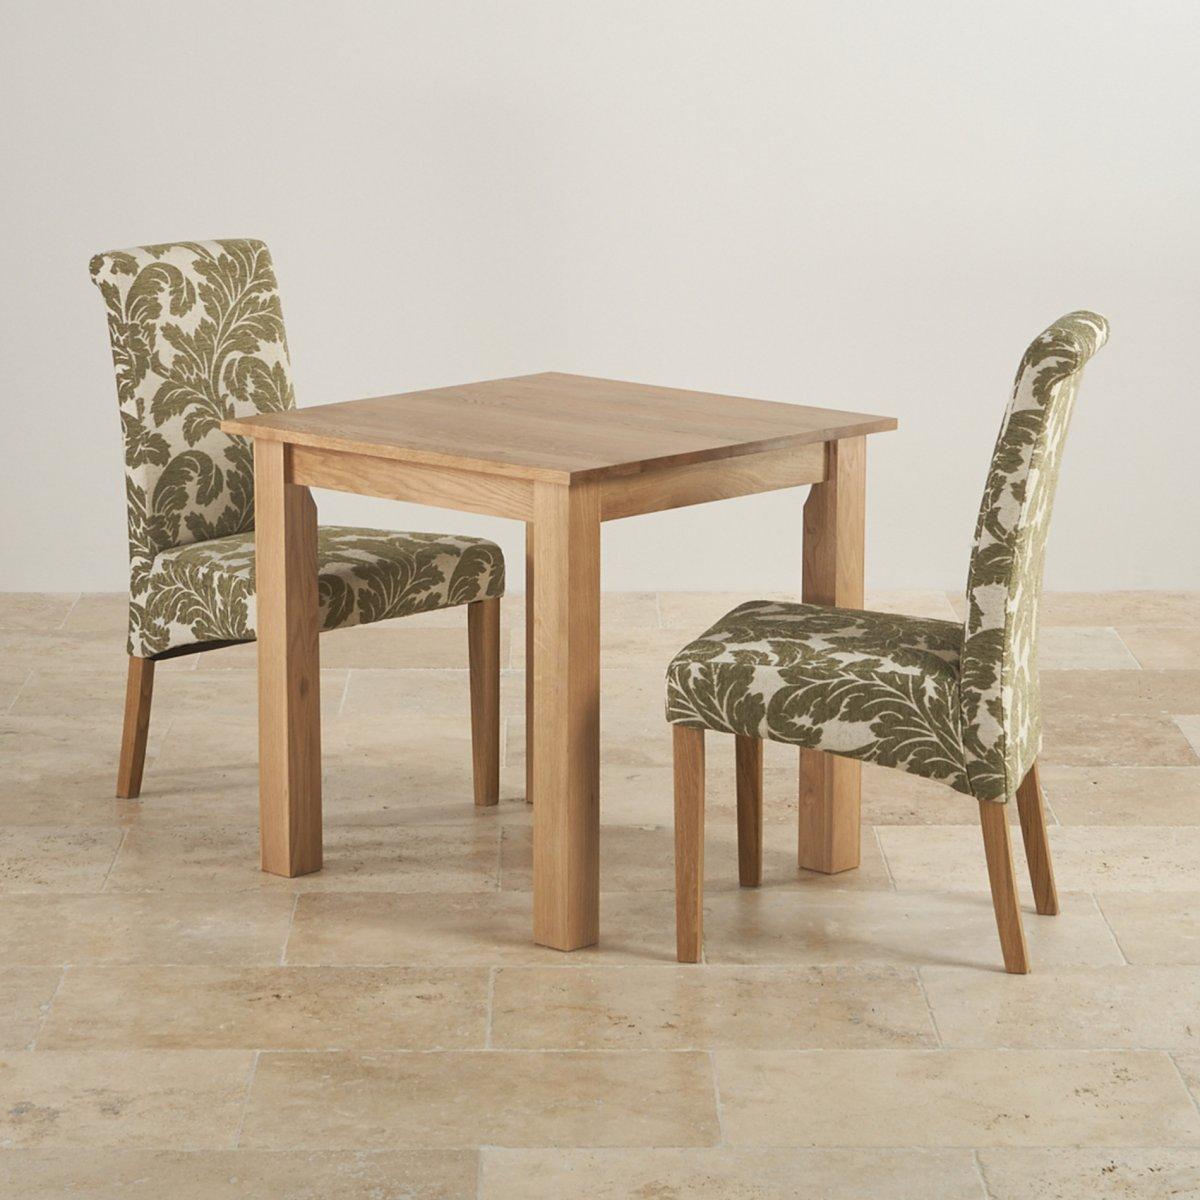 Solid Oak Dining Set: Hudson Dining Set In Solid Oak: Table + 2 Patterned Beige